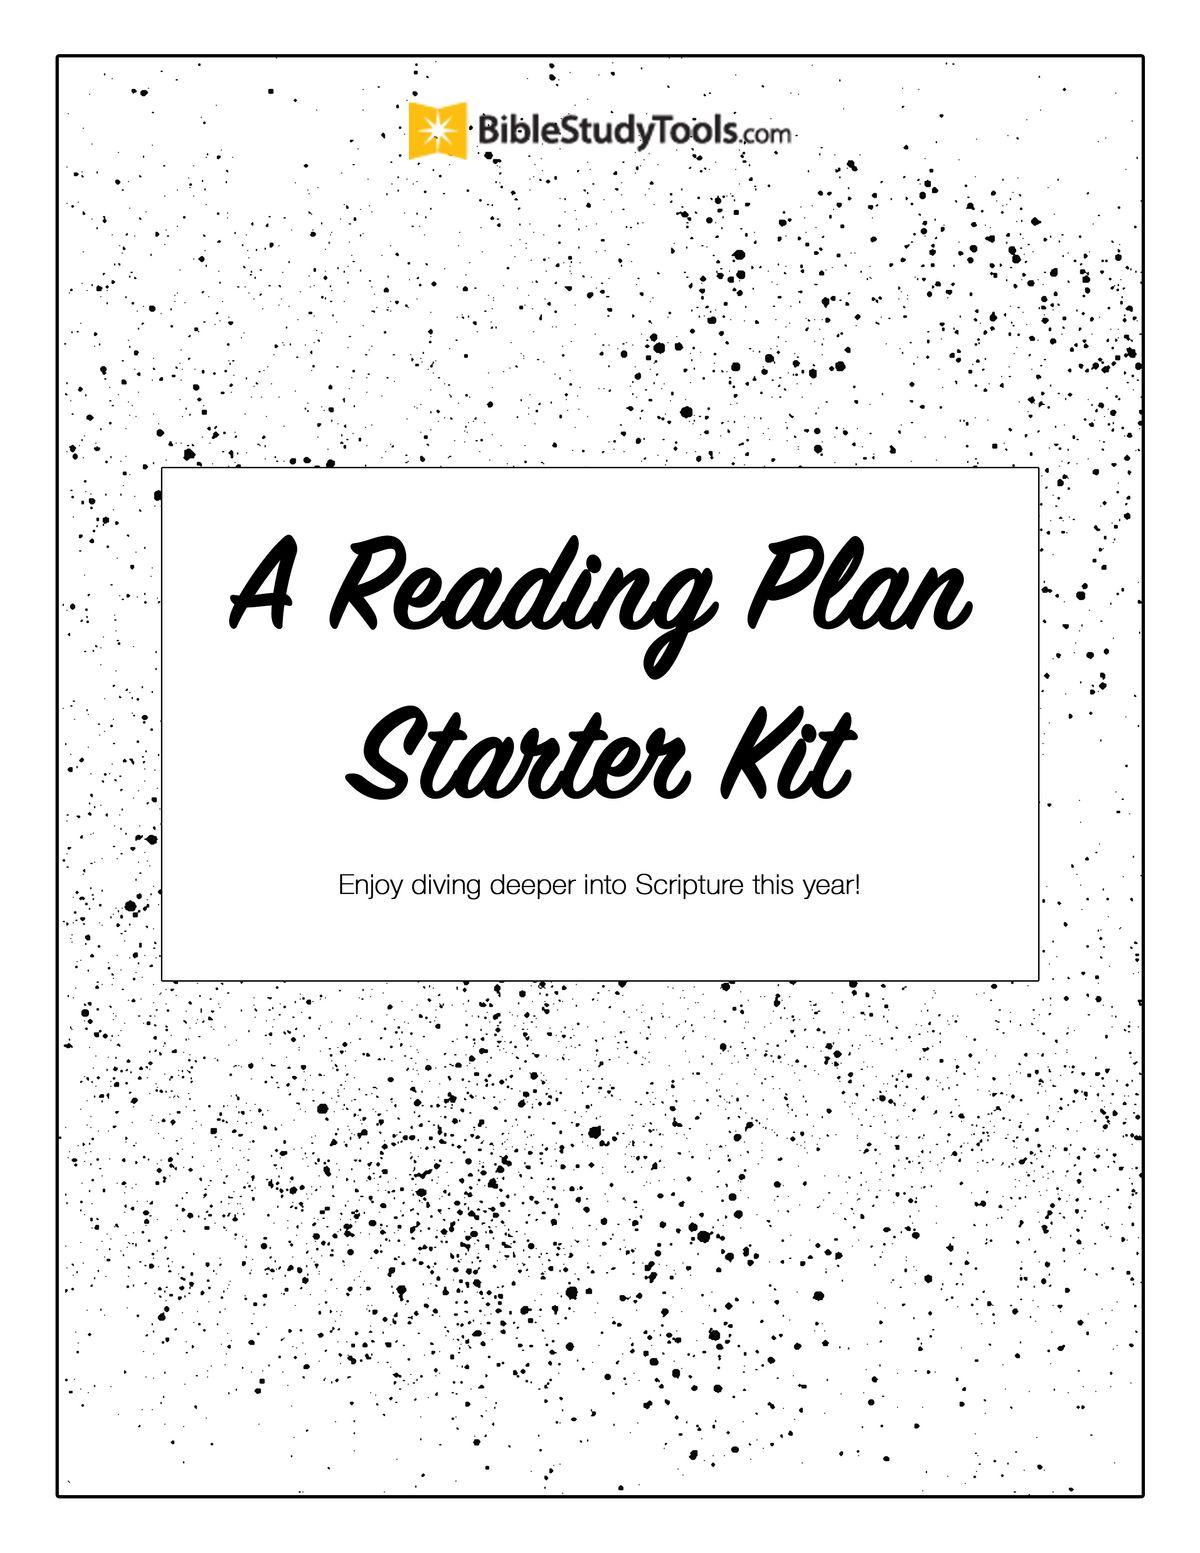 A Reading Plan Starter Kit